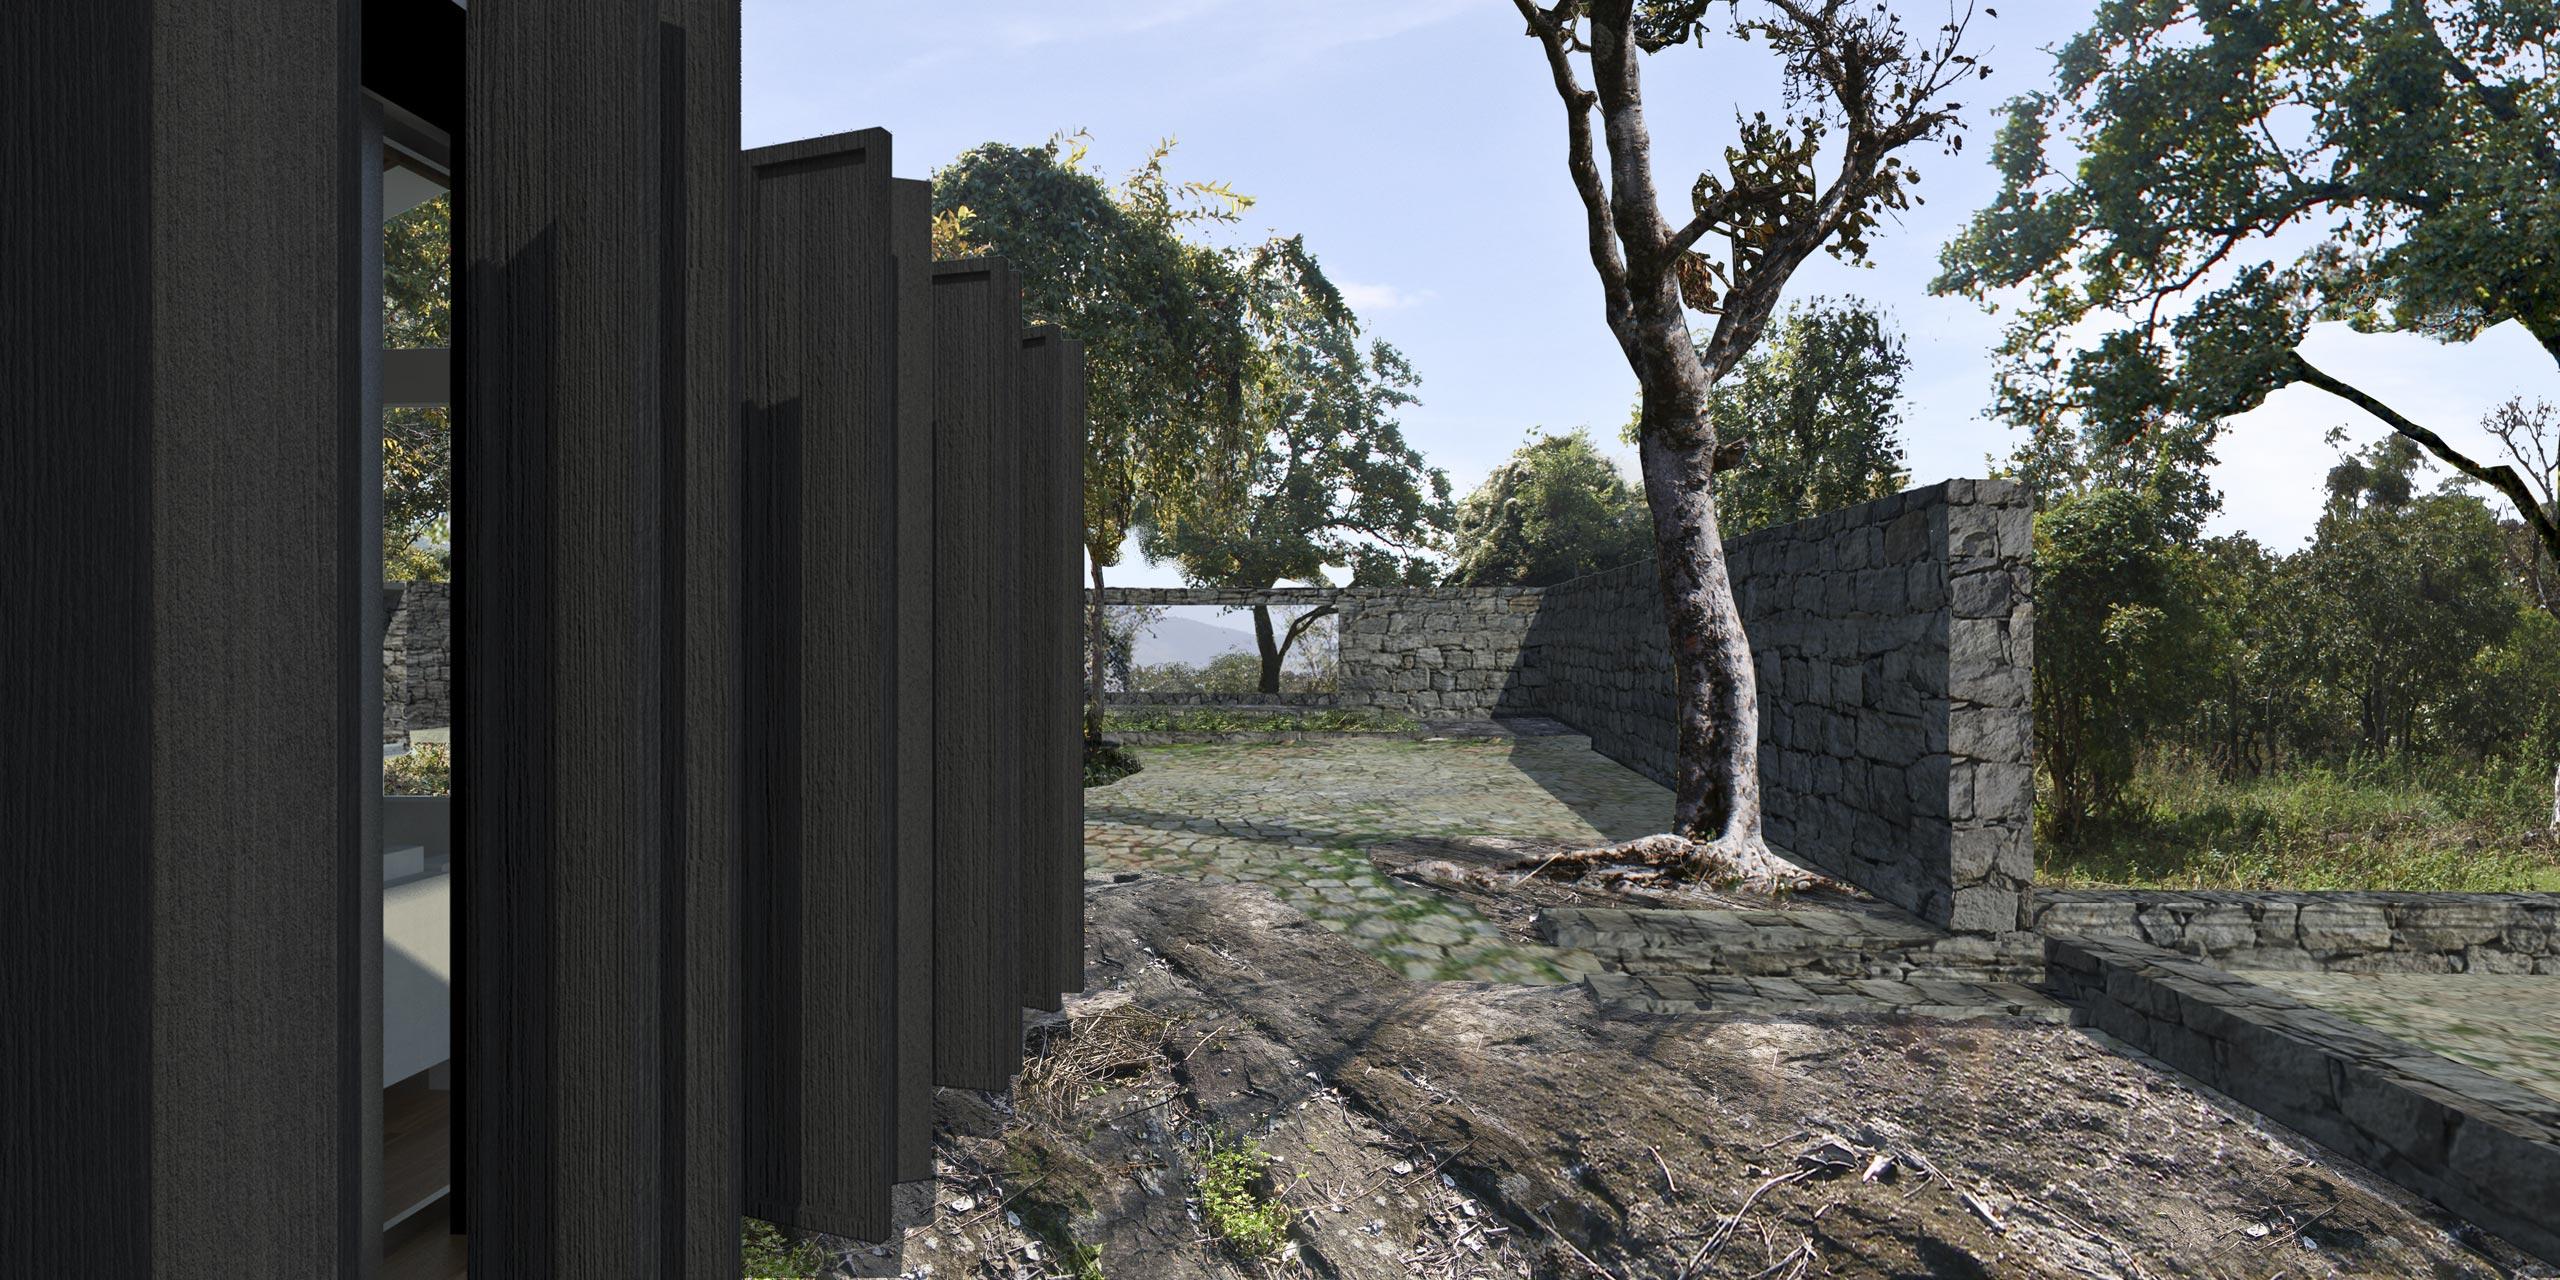 Forest Home Temenos Courtyard